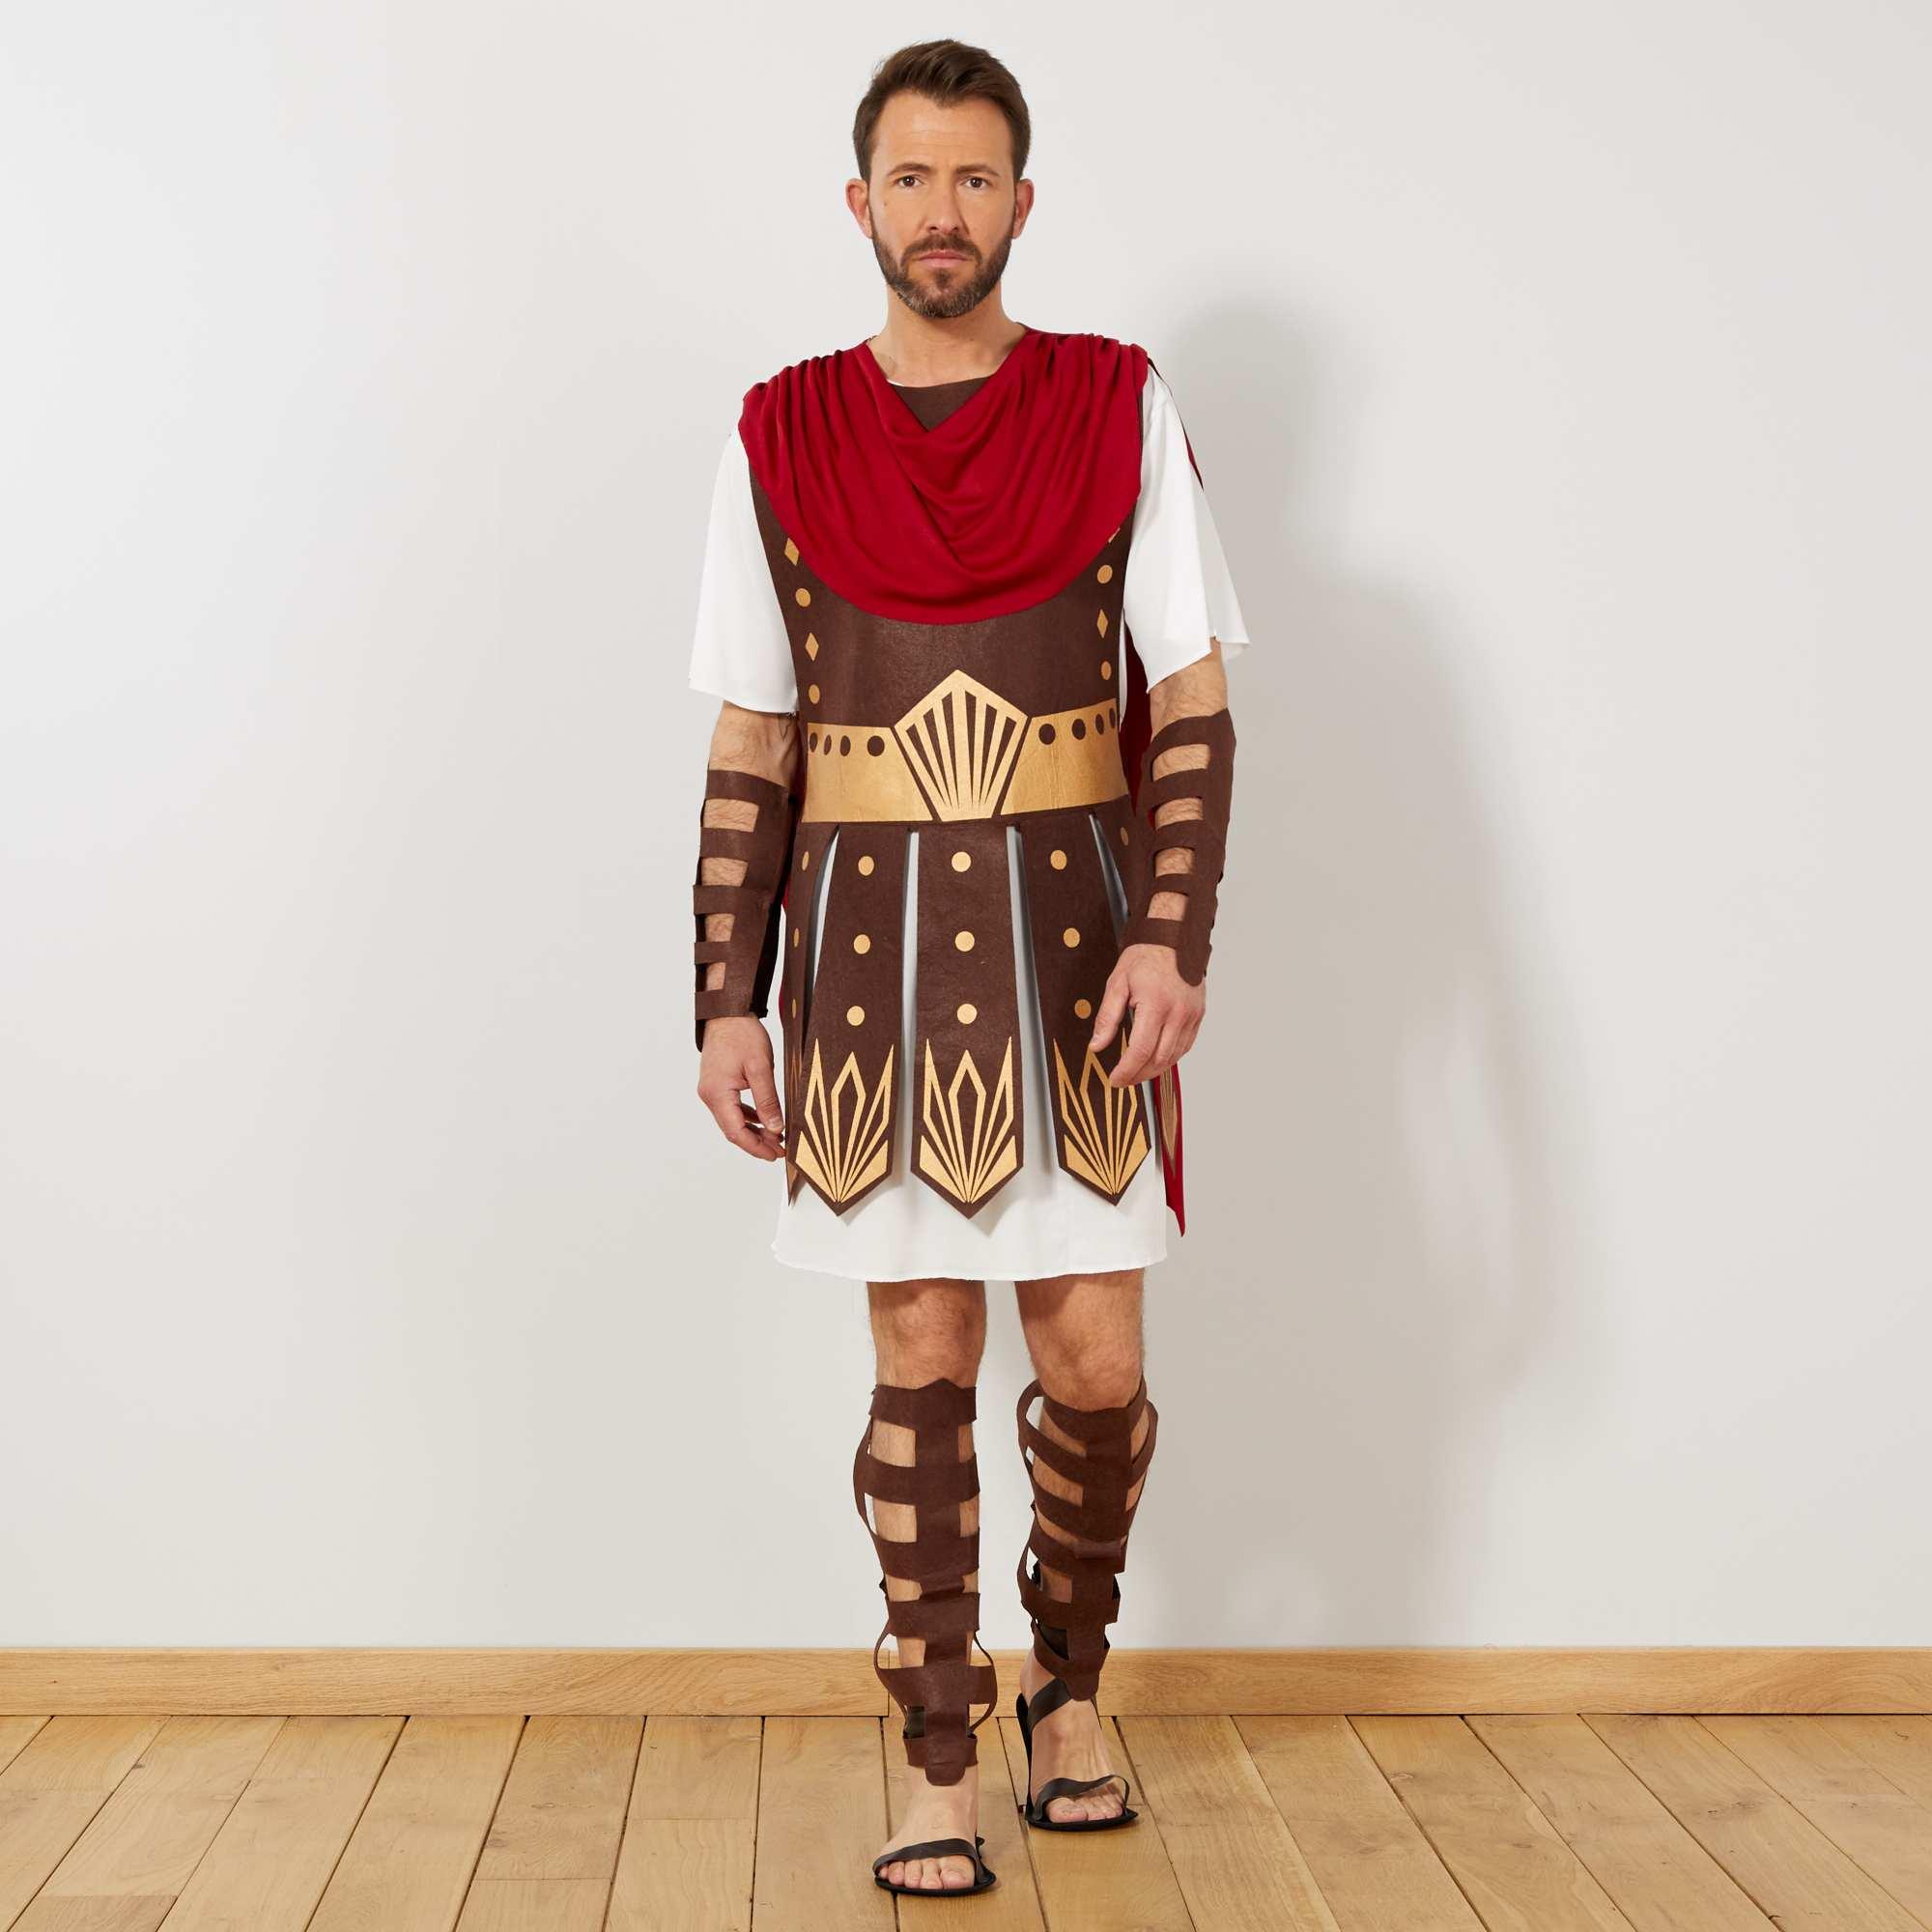 d guisement de gladiateur homme kiabi 25 00. Black Bedroom Furniture Sets. Home Design Ideas